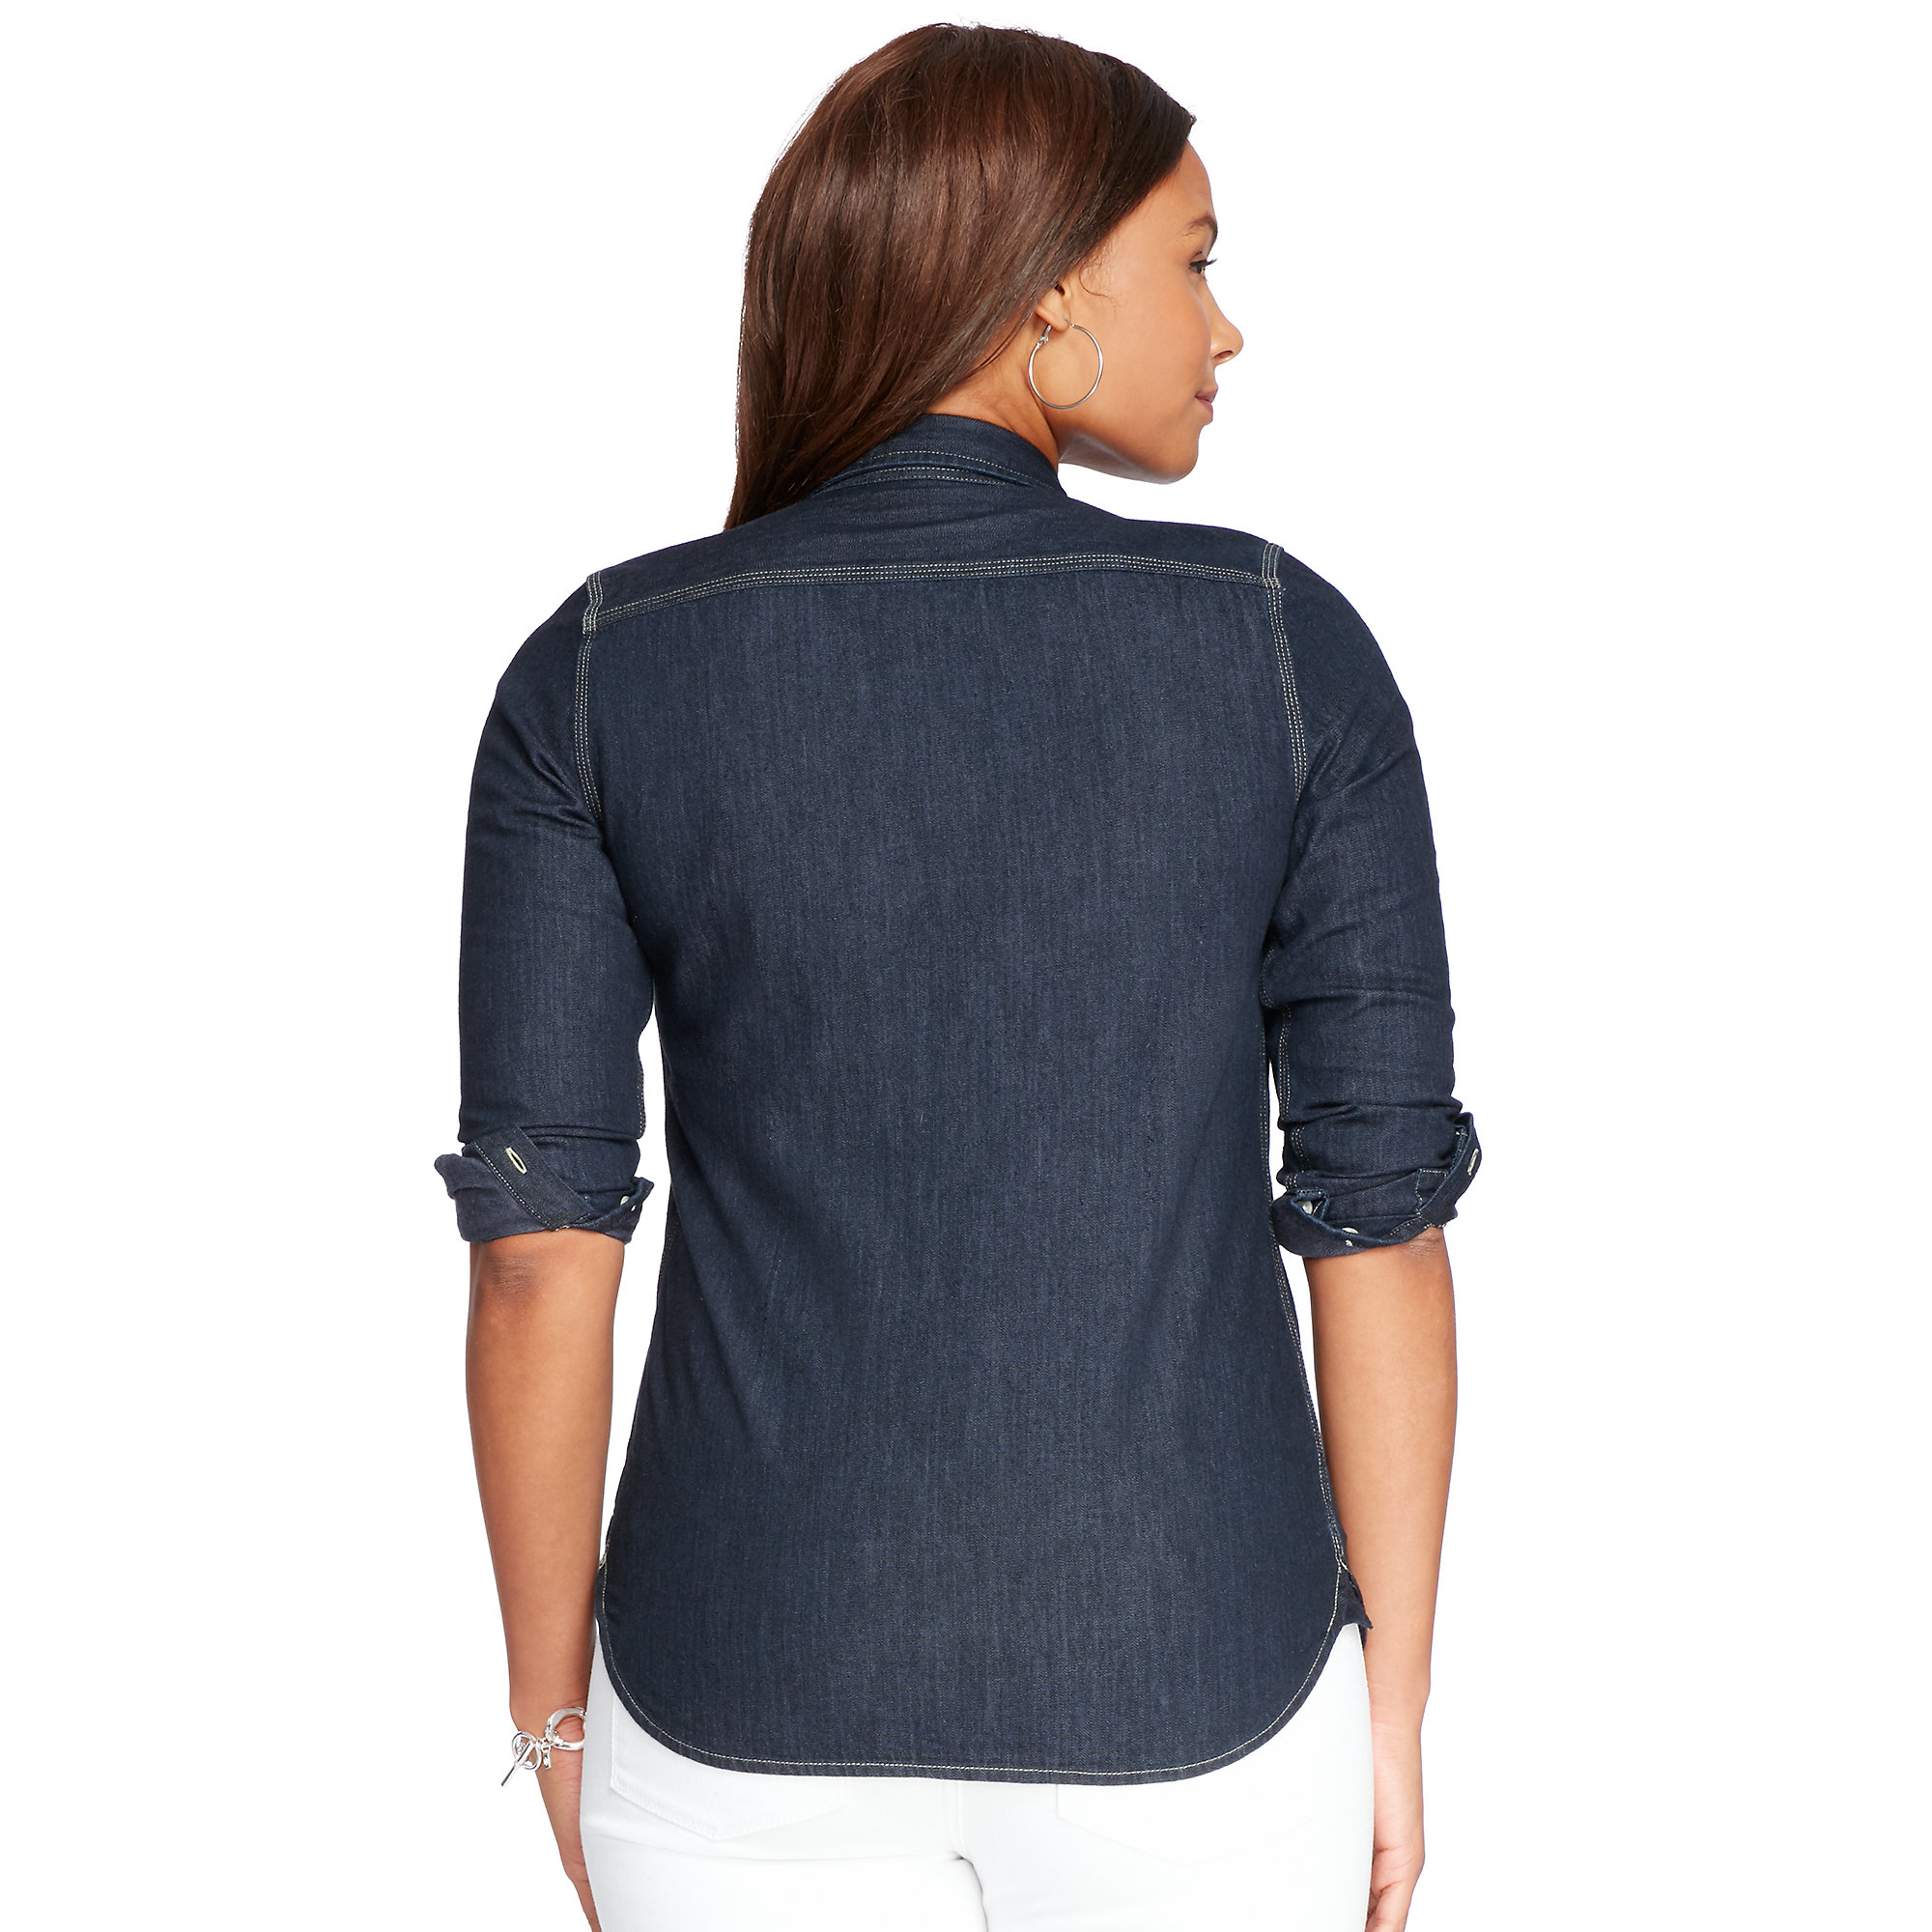 denim shirt pockets - photo #34